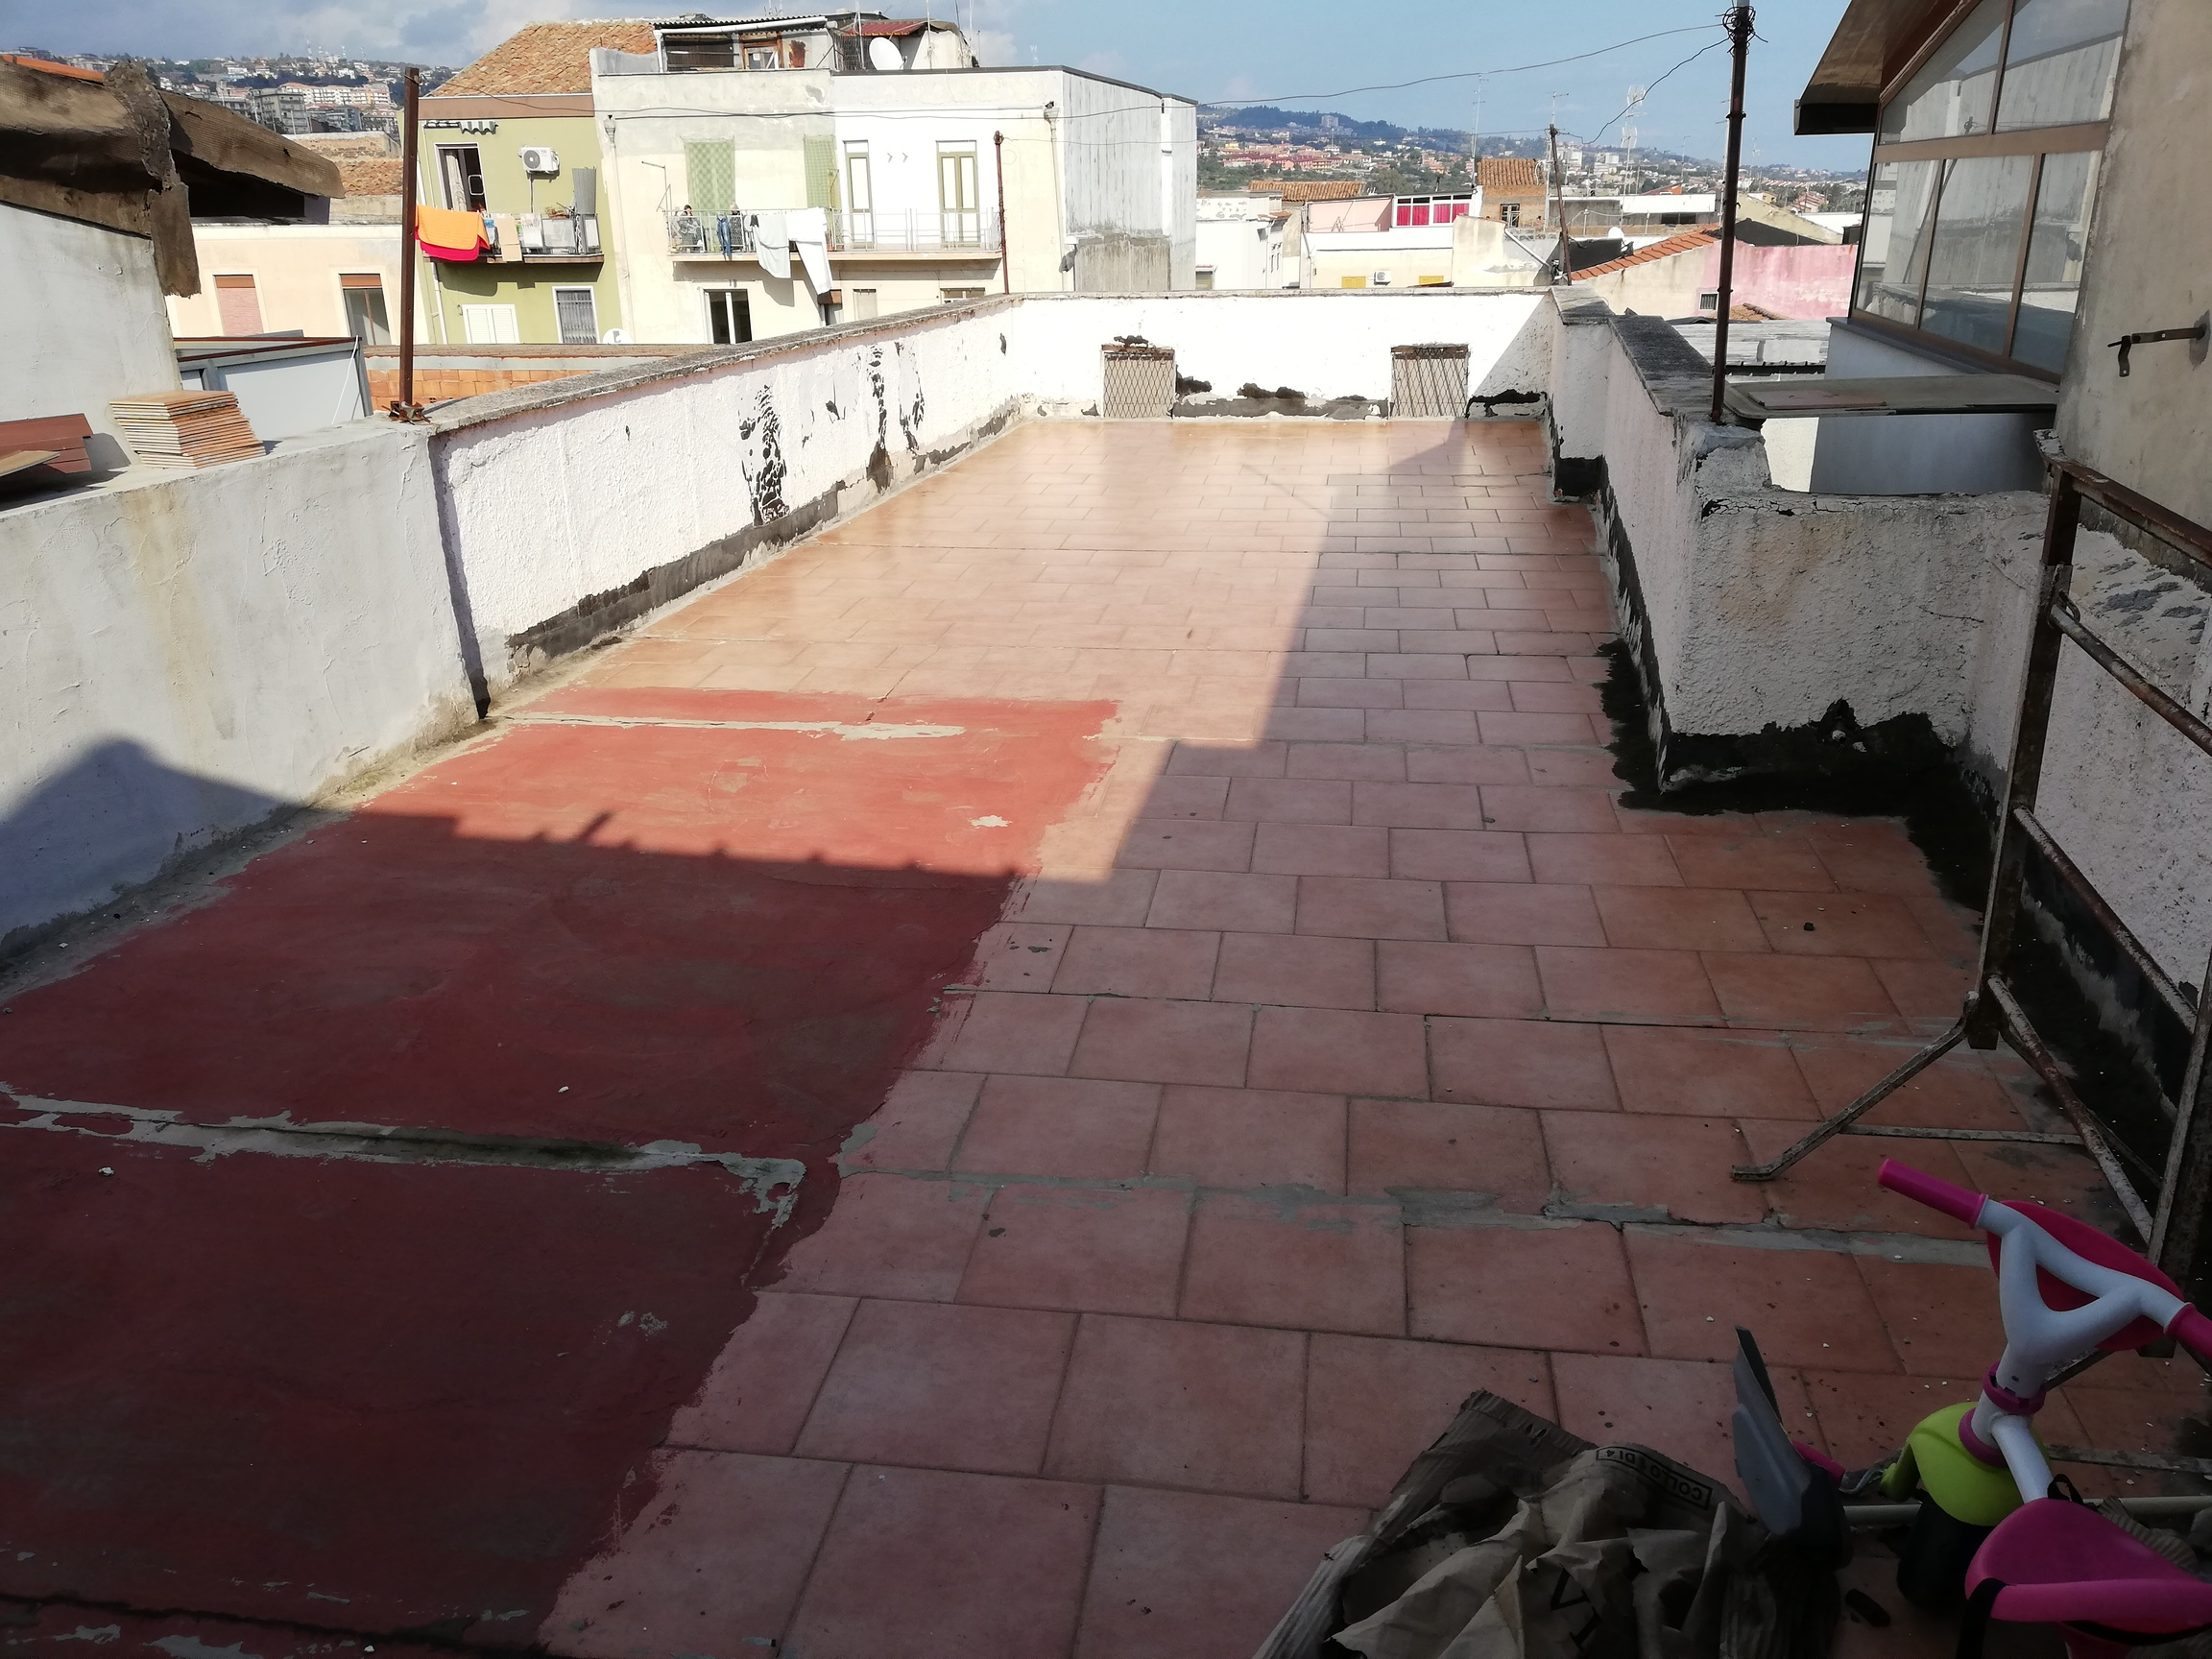 2 bivani + accessori e terrazza zona Picanello / circonvallazione  da ristrutturare in unica soluzione